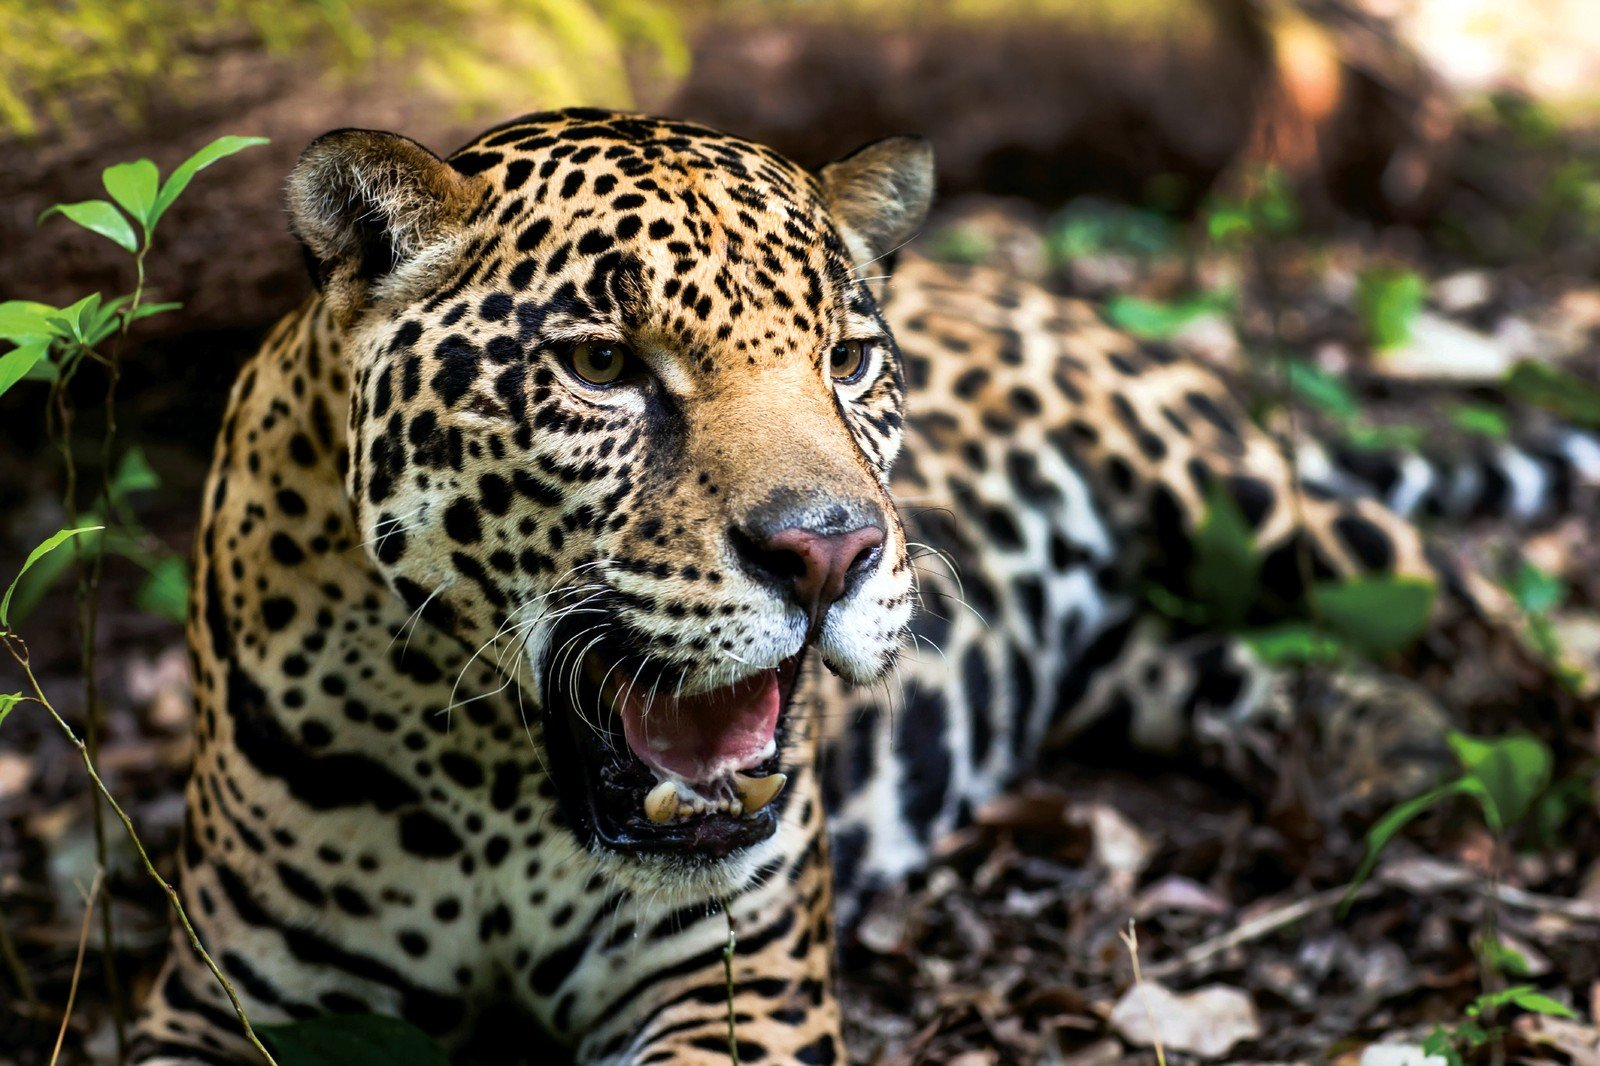 WWF / AFP